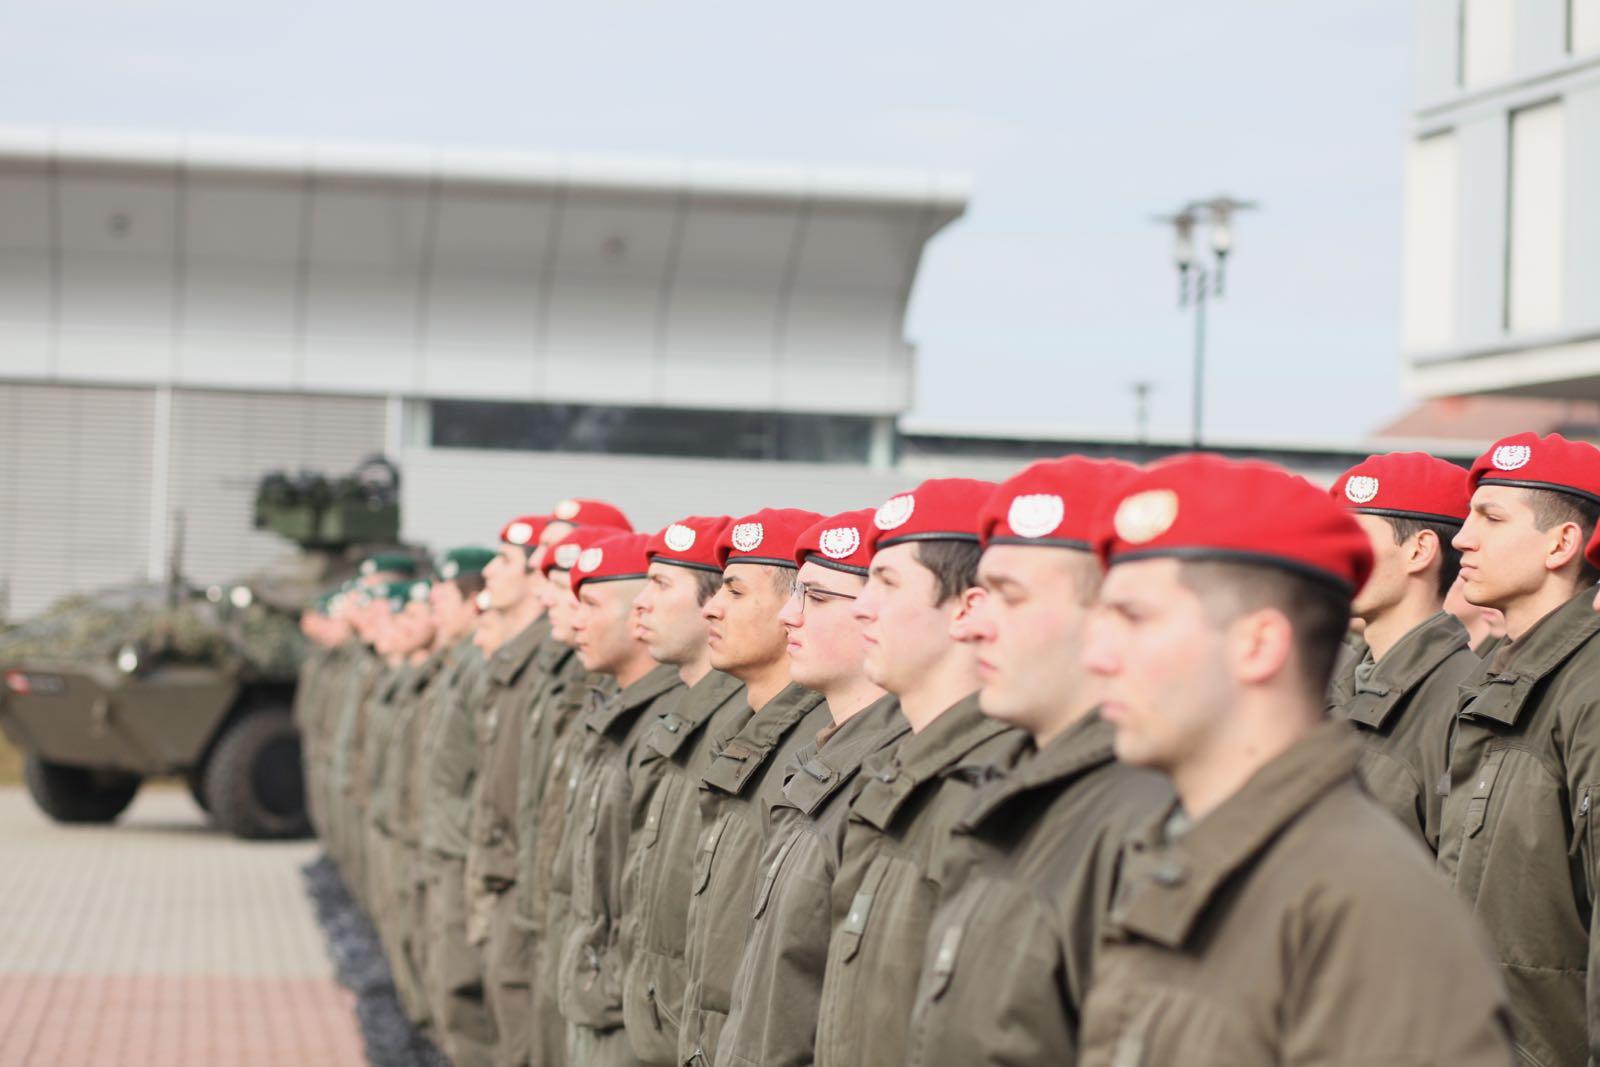 2019_02_08_5Gardekompanie_KPE_EUFOR30_Verabschiedung - 29 of 61